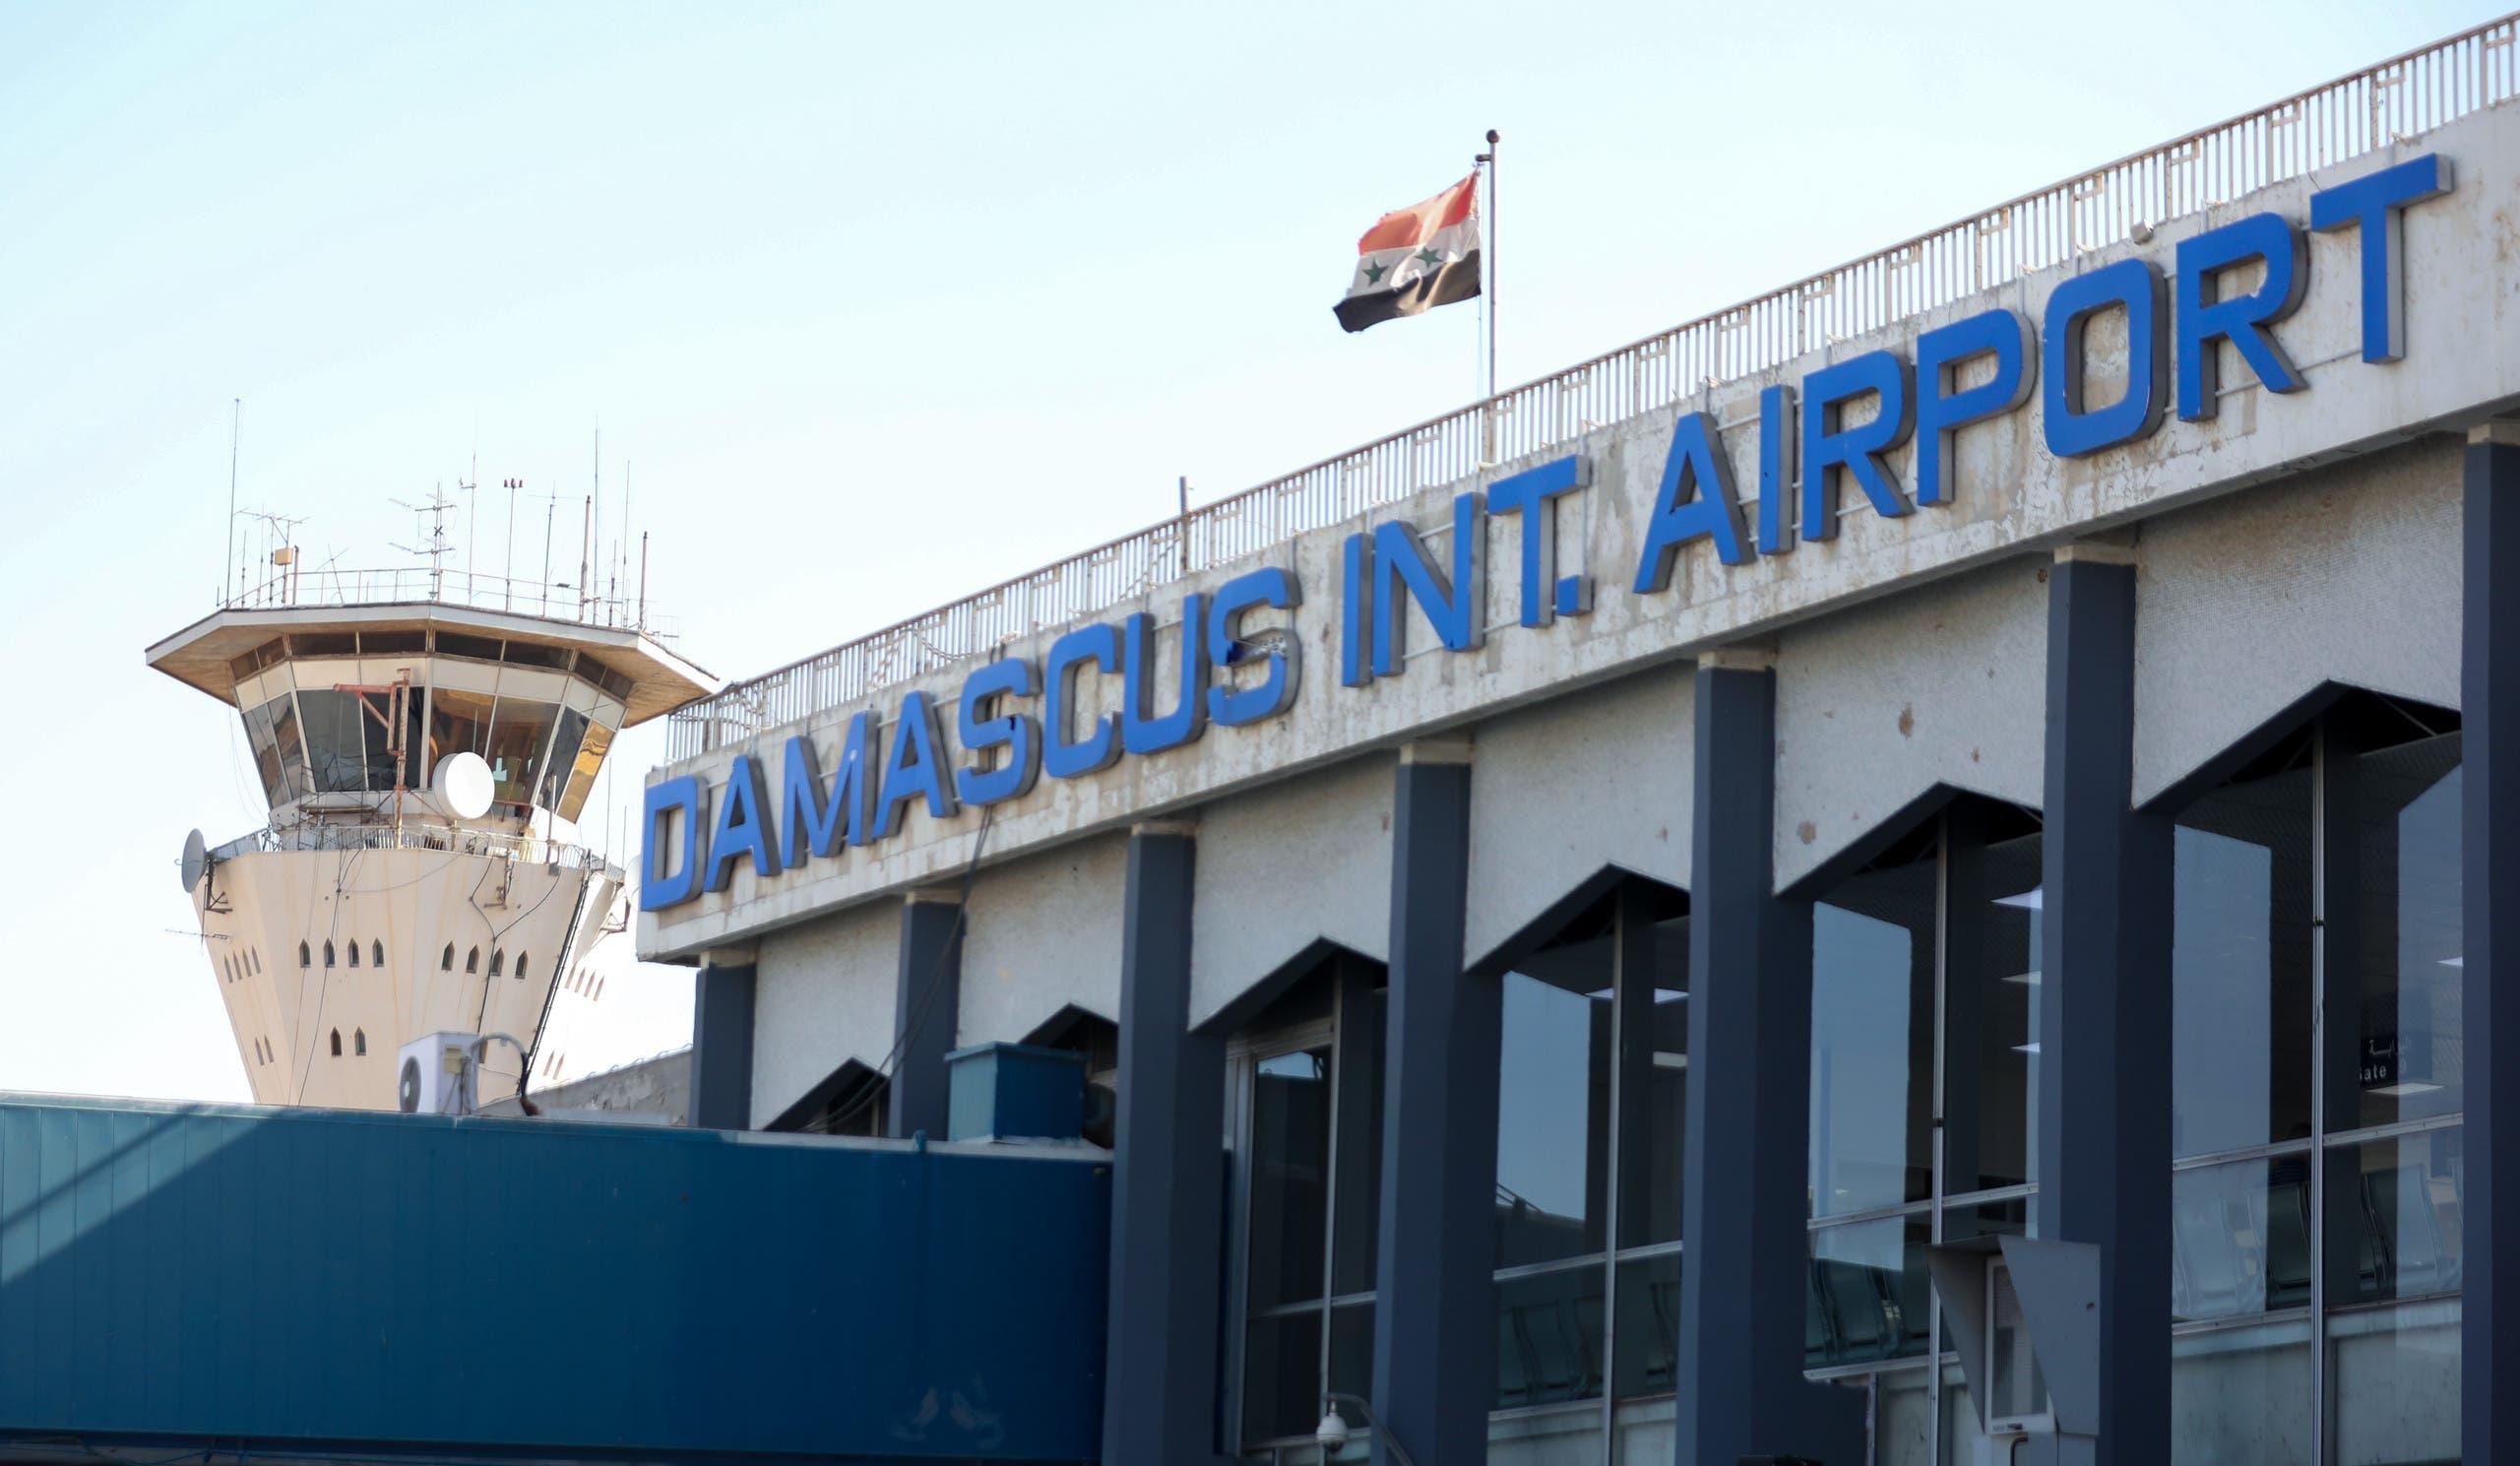 مطار دمشق الذي استهدفت فيه إسرائيل غرفة عمليات إيرانية